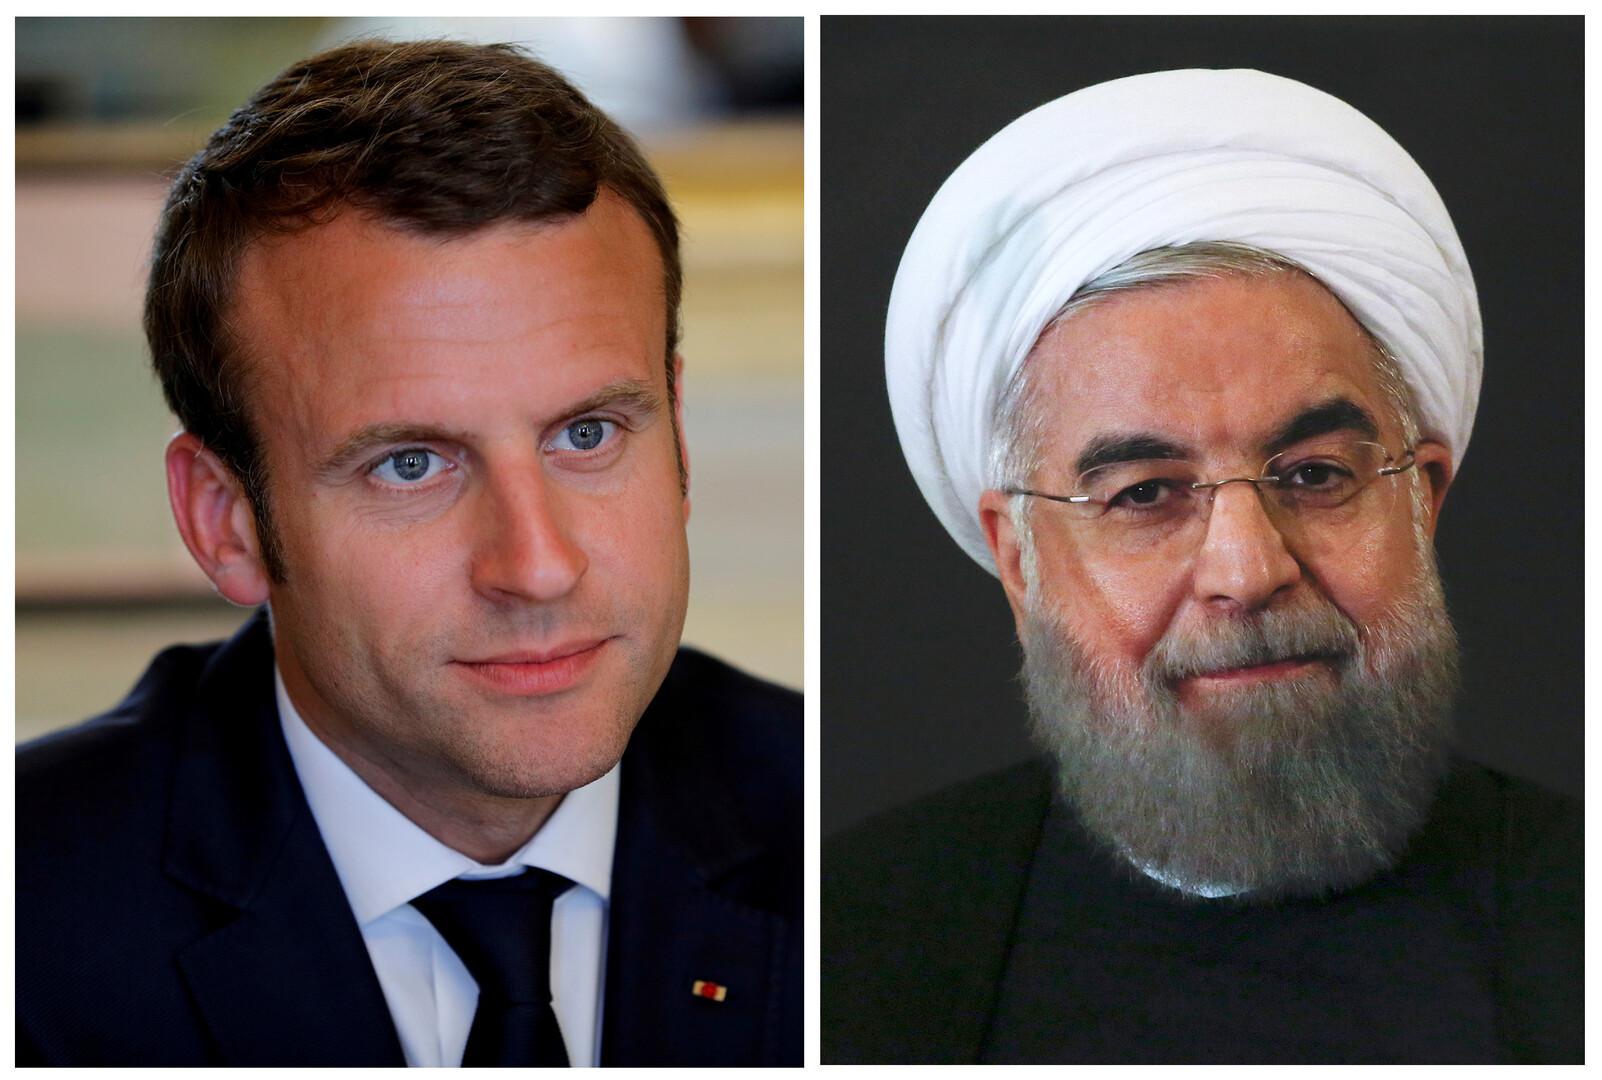 الرئيس الإيراني، حسن روحاني، ونظيره الفرنسي، إيمانويل ماكرون